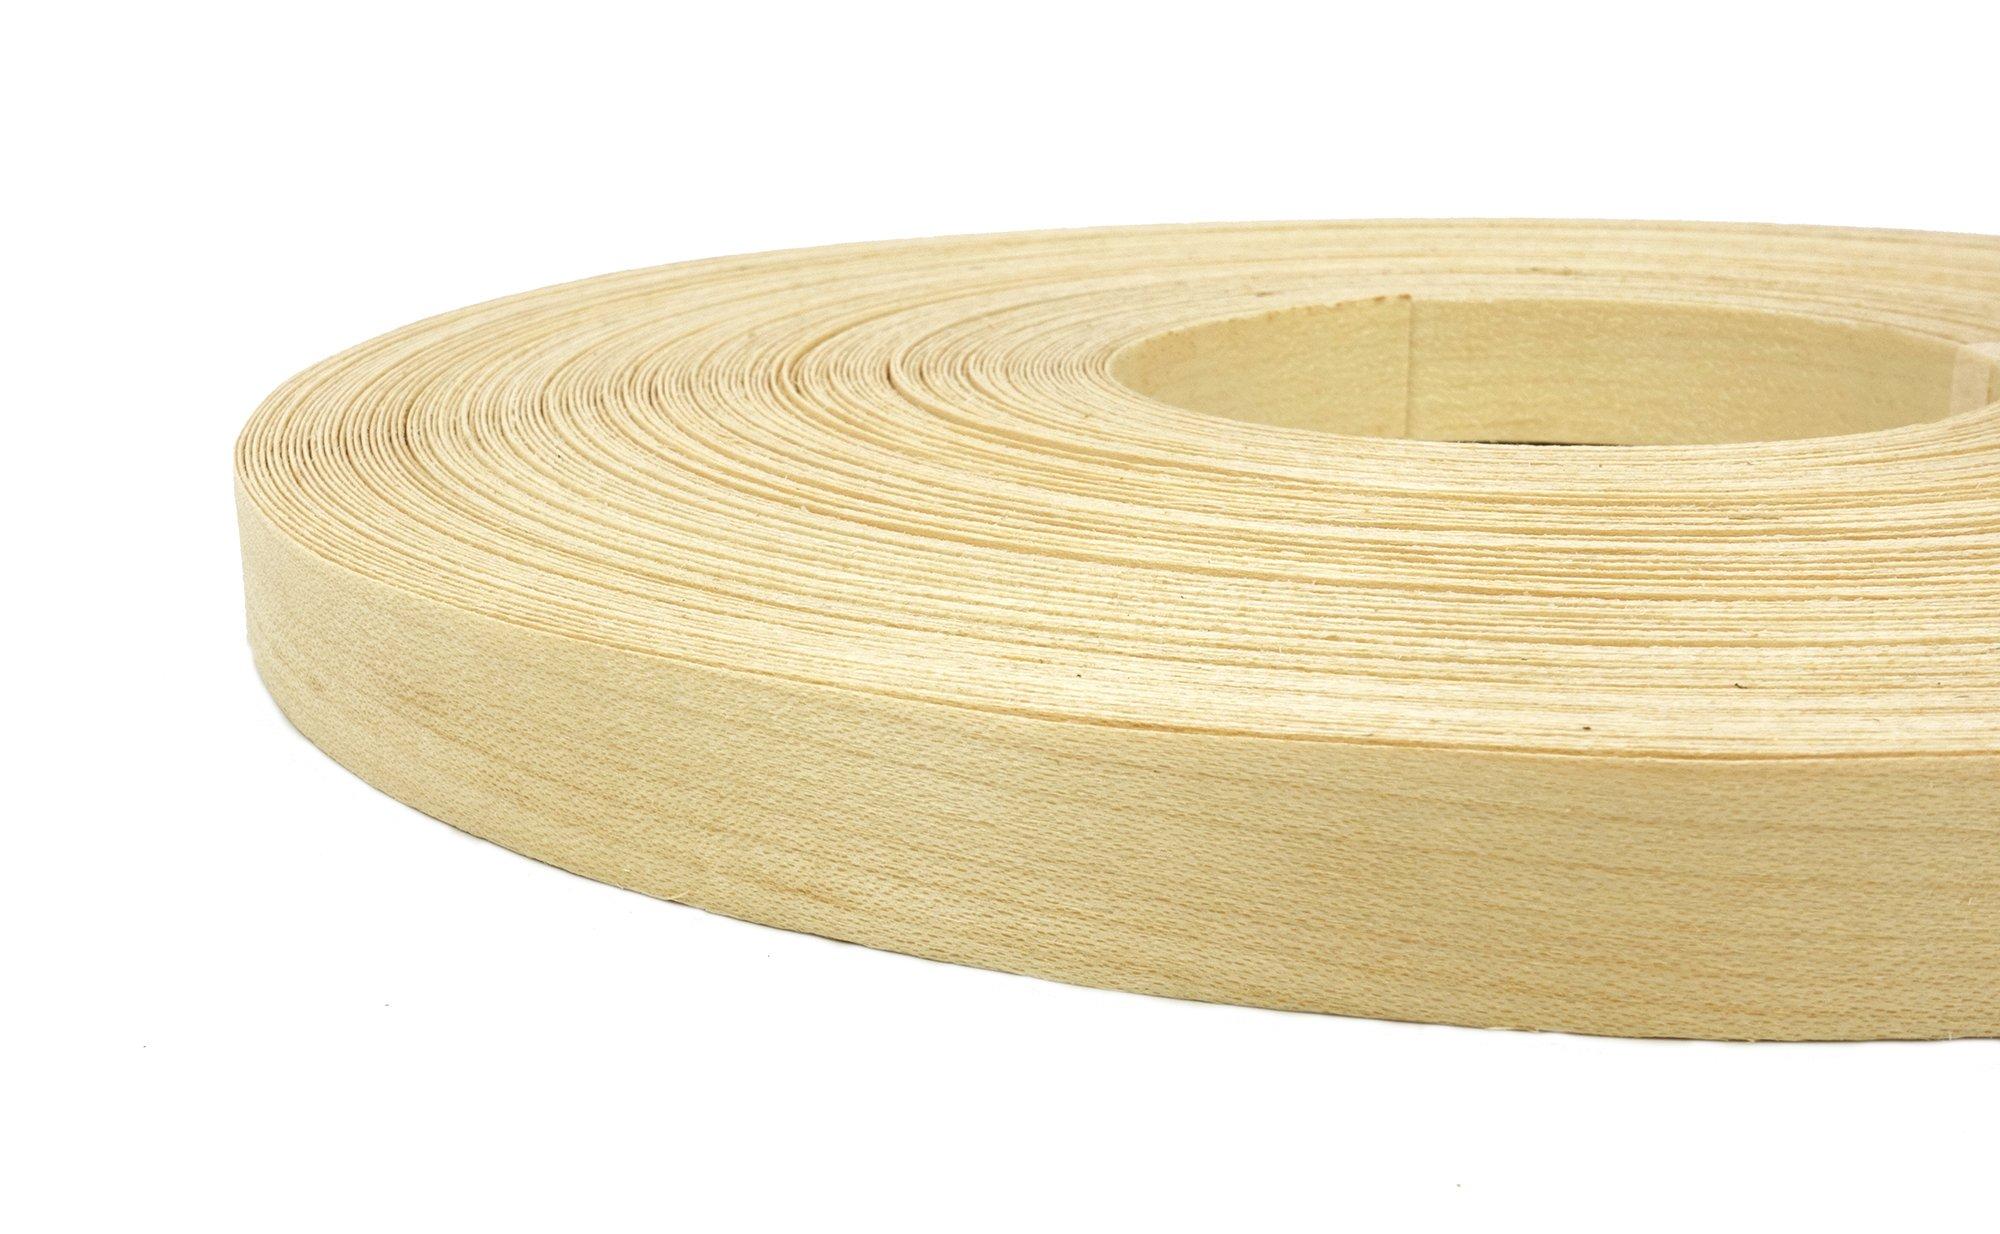 Maple Wood Veneer Edge Banding Preglued 3/4'' X 250' Roll by Beach Handiworks (Image #2)